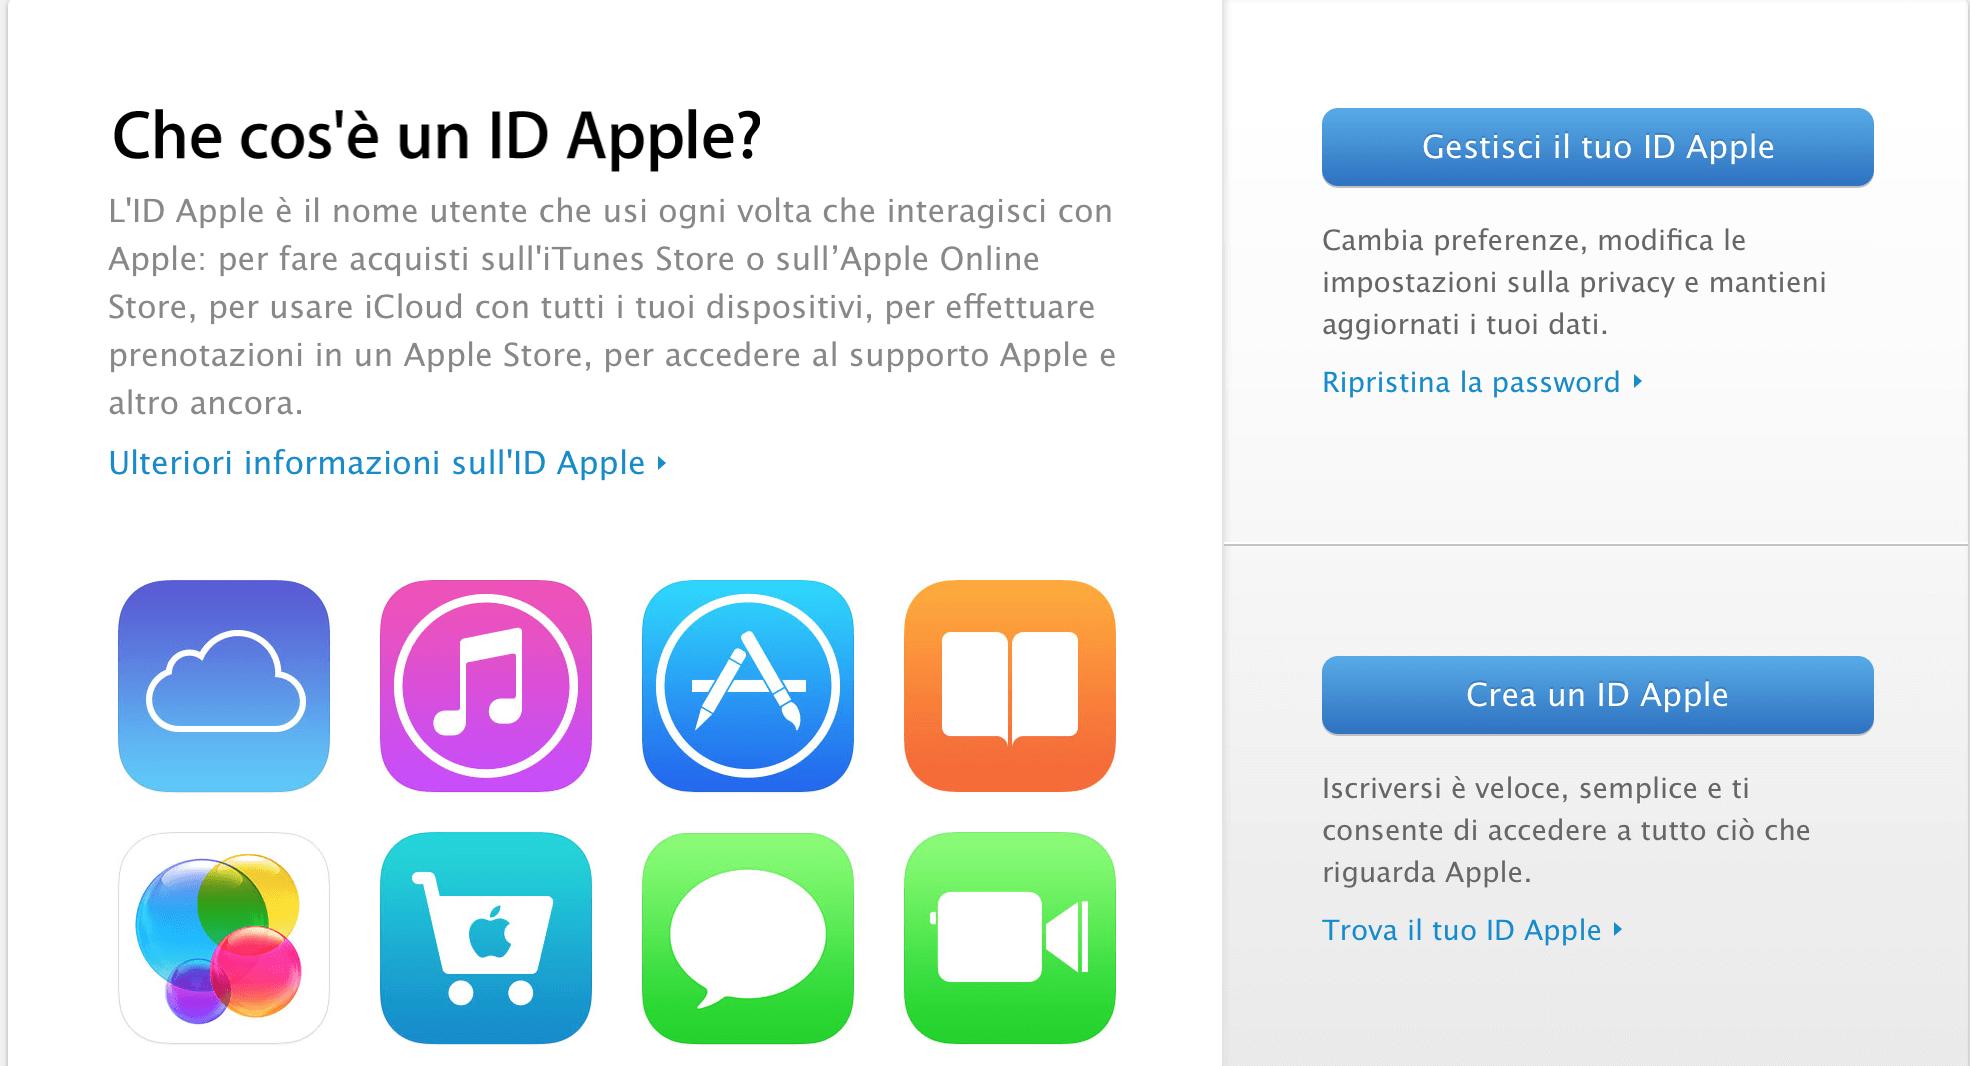 Creare un account ID Apple senza carta di credito